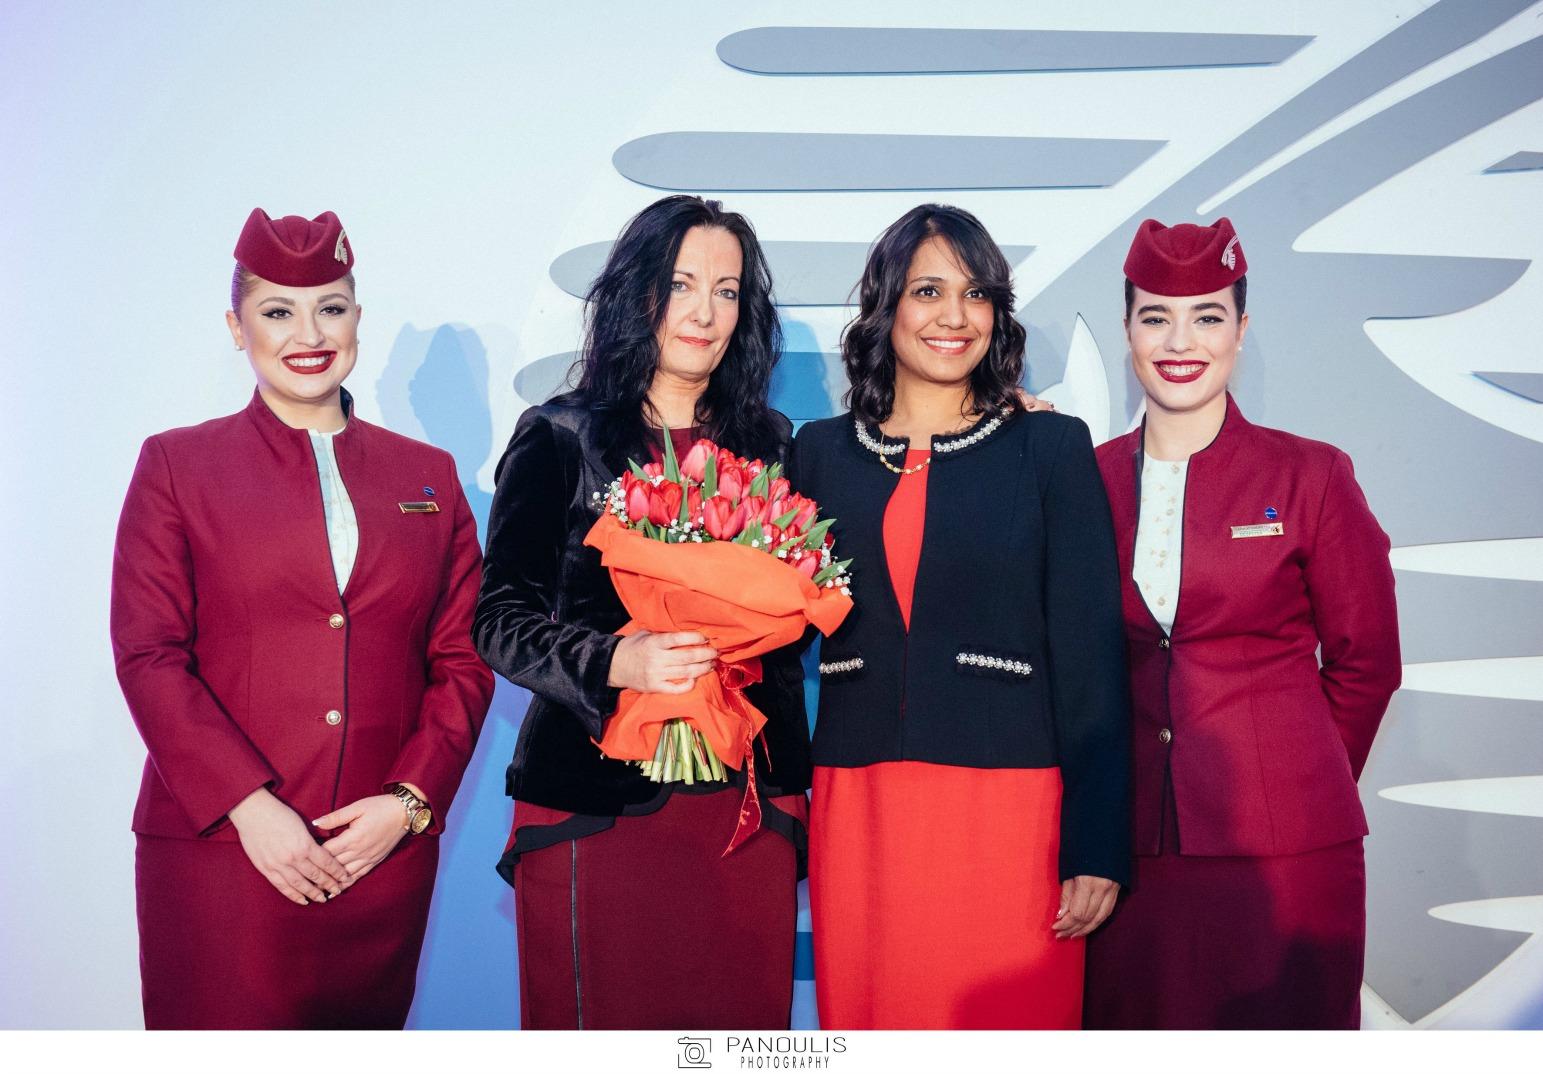 20 χρόνια επιτυχημένης πορείας για την Qatar Airways